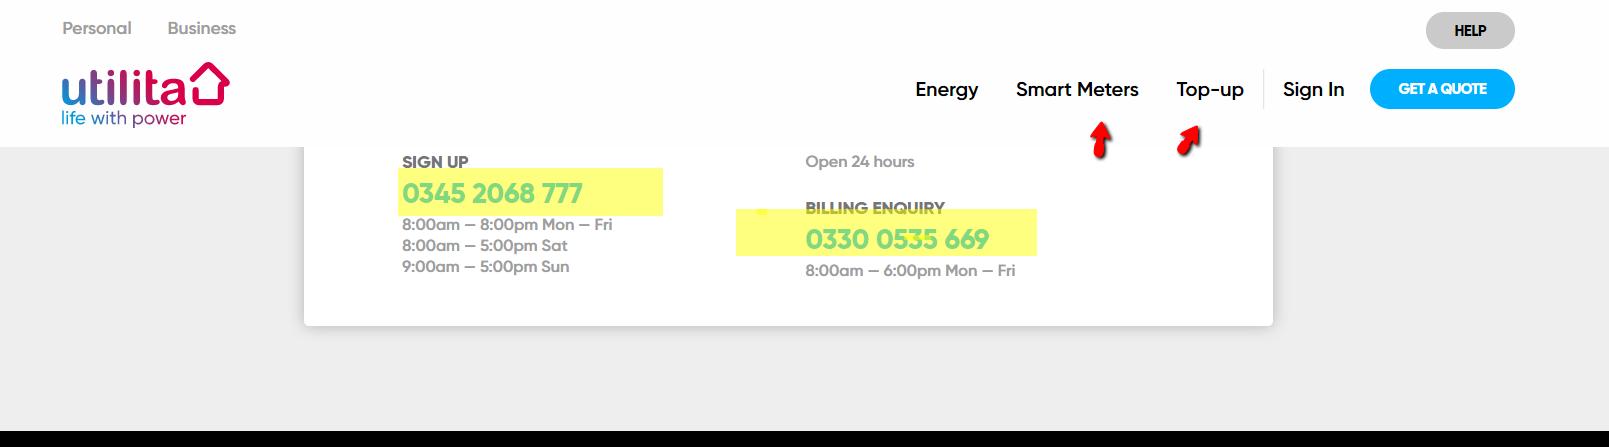 Utilita_energy_billing_number